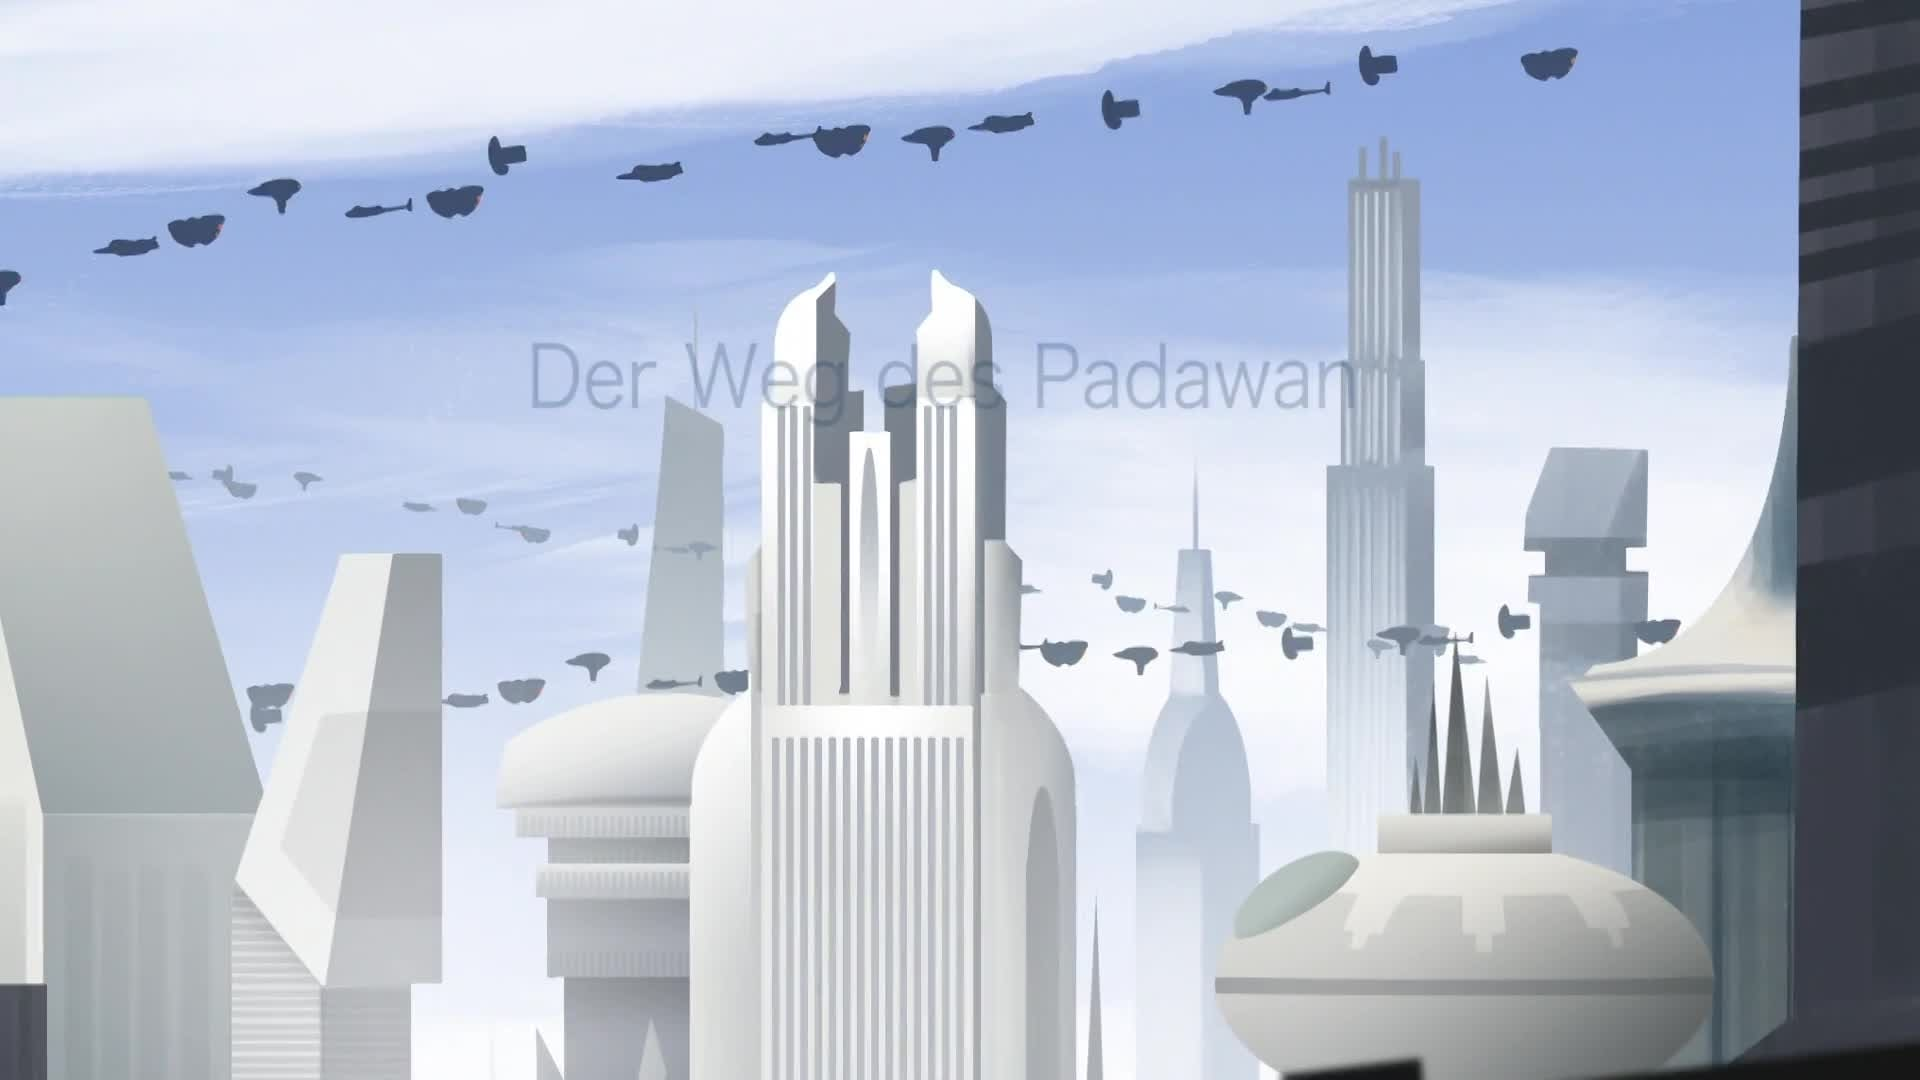 Star Wars: Die Mächte des Schicksals - Der Weg des Padawan